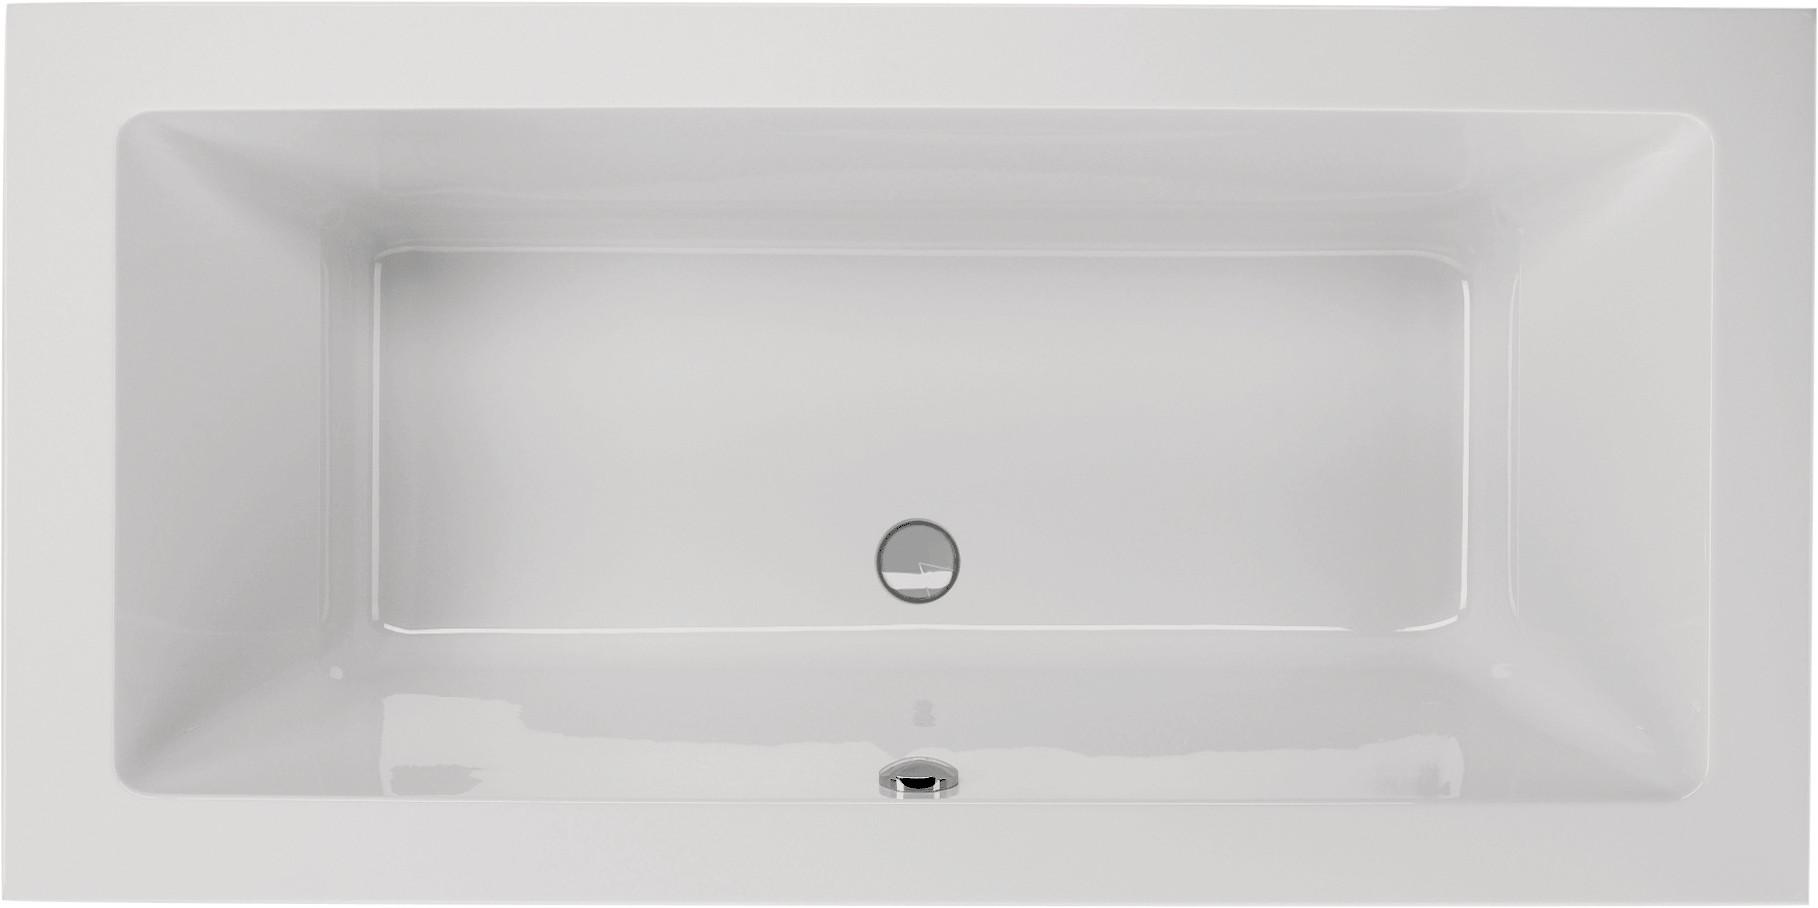 tiefe badewanne 180 x 80 cm rechteckwanne mit tr ger ablauf mittig. Black Bedroom Furniture Sets. Home Design Ideas